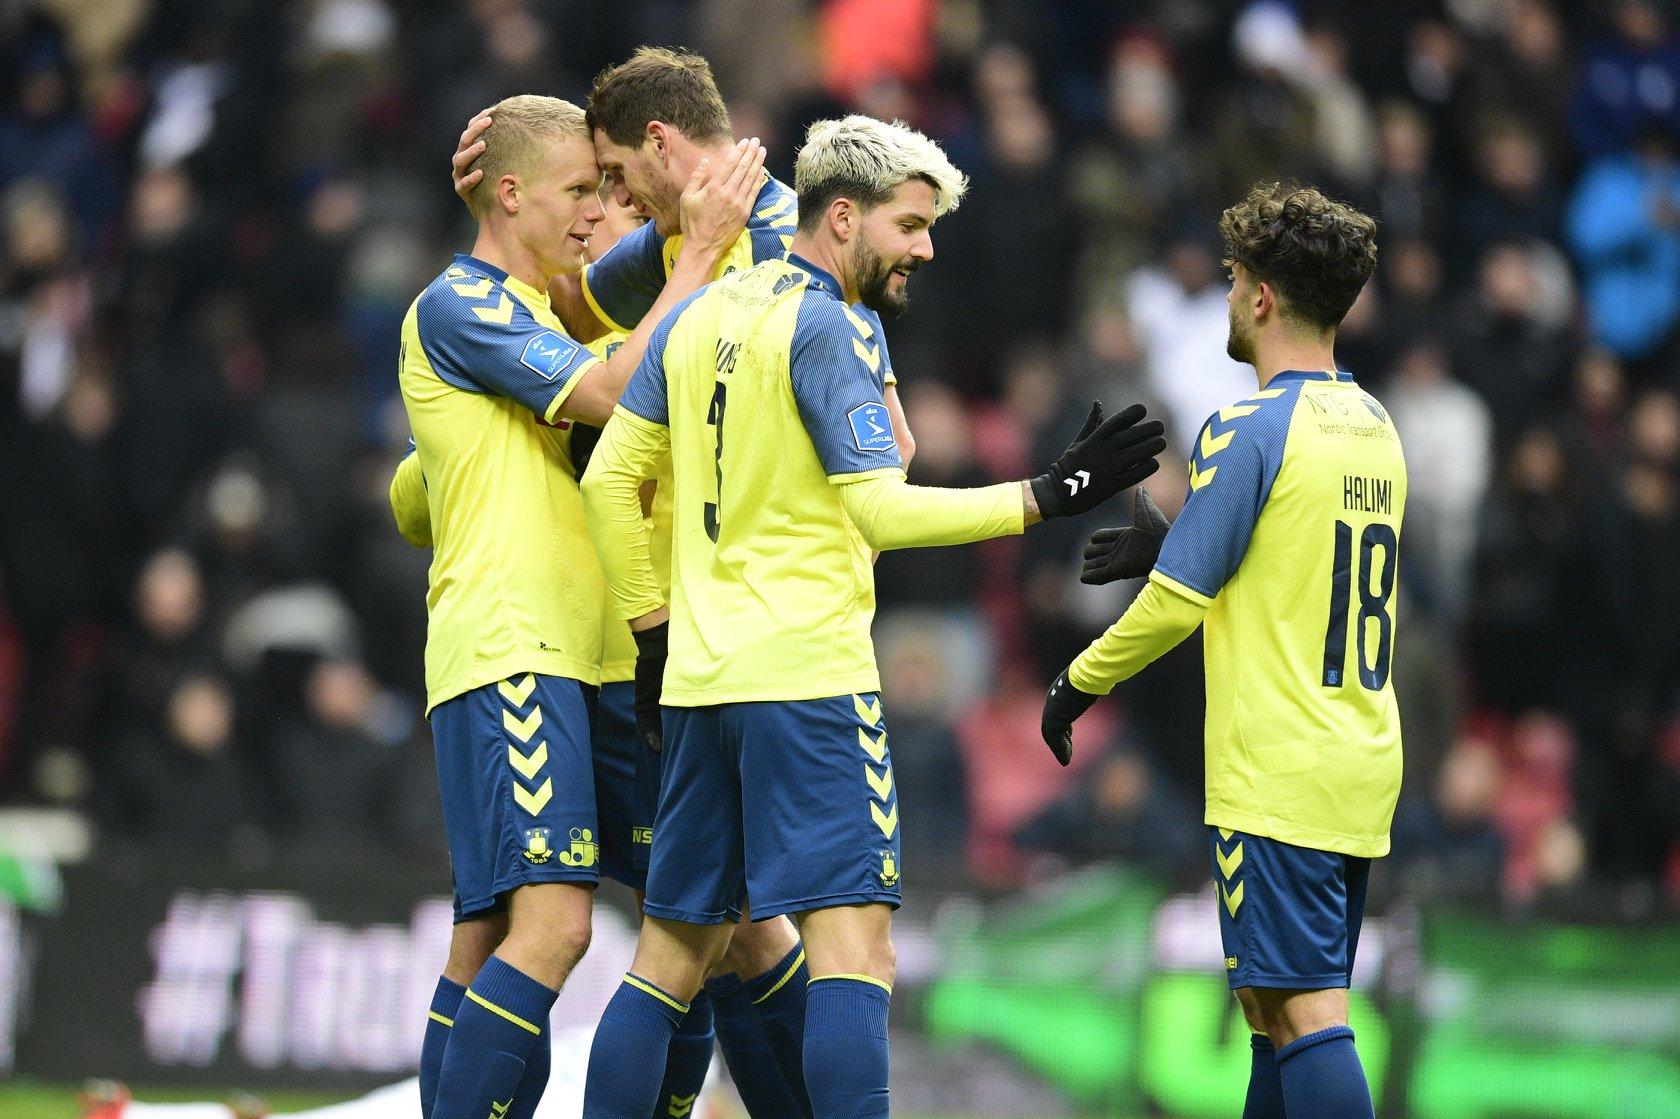 Midtjylland-Brondby 17 maggio: si gioca la finalissima della coppa nazionale danese. Chi alzerà al cielo l'ambito trofeo?